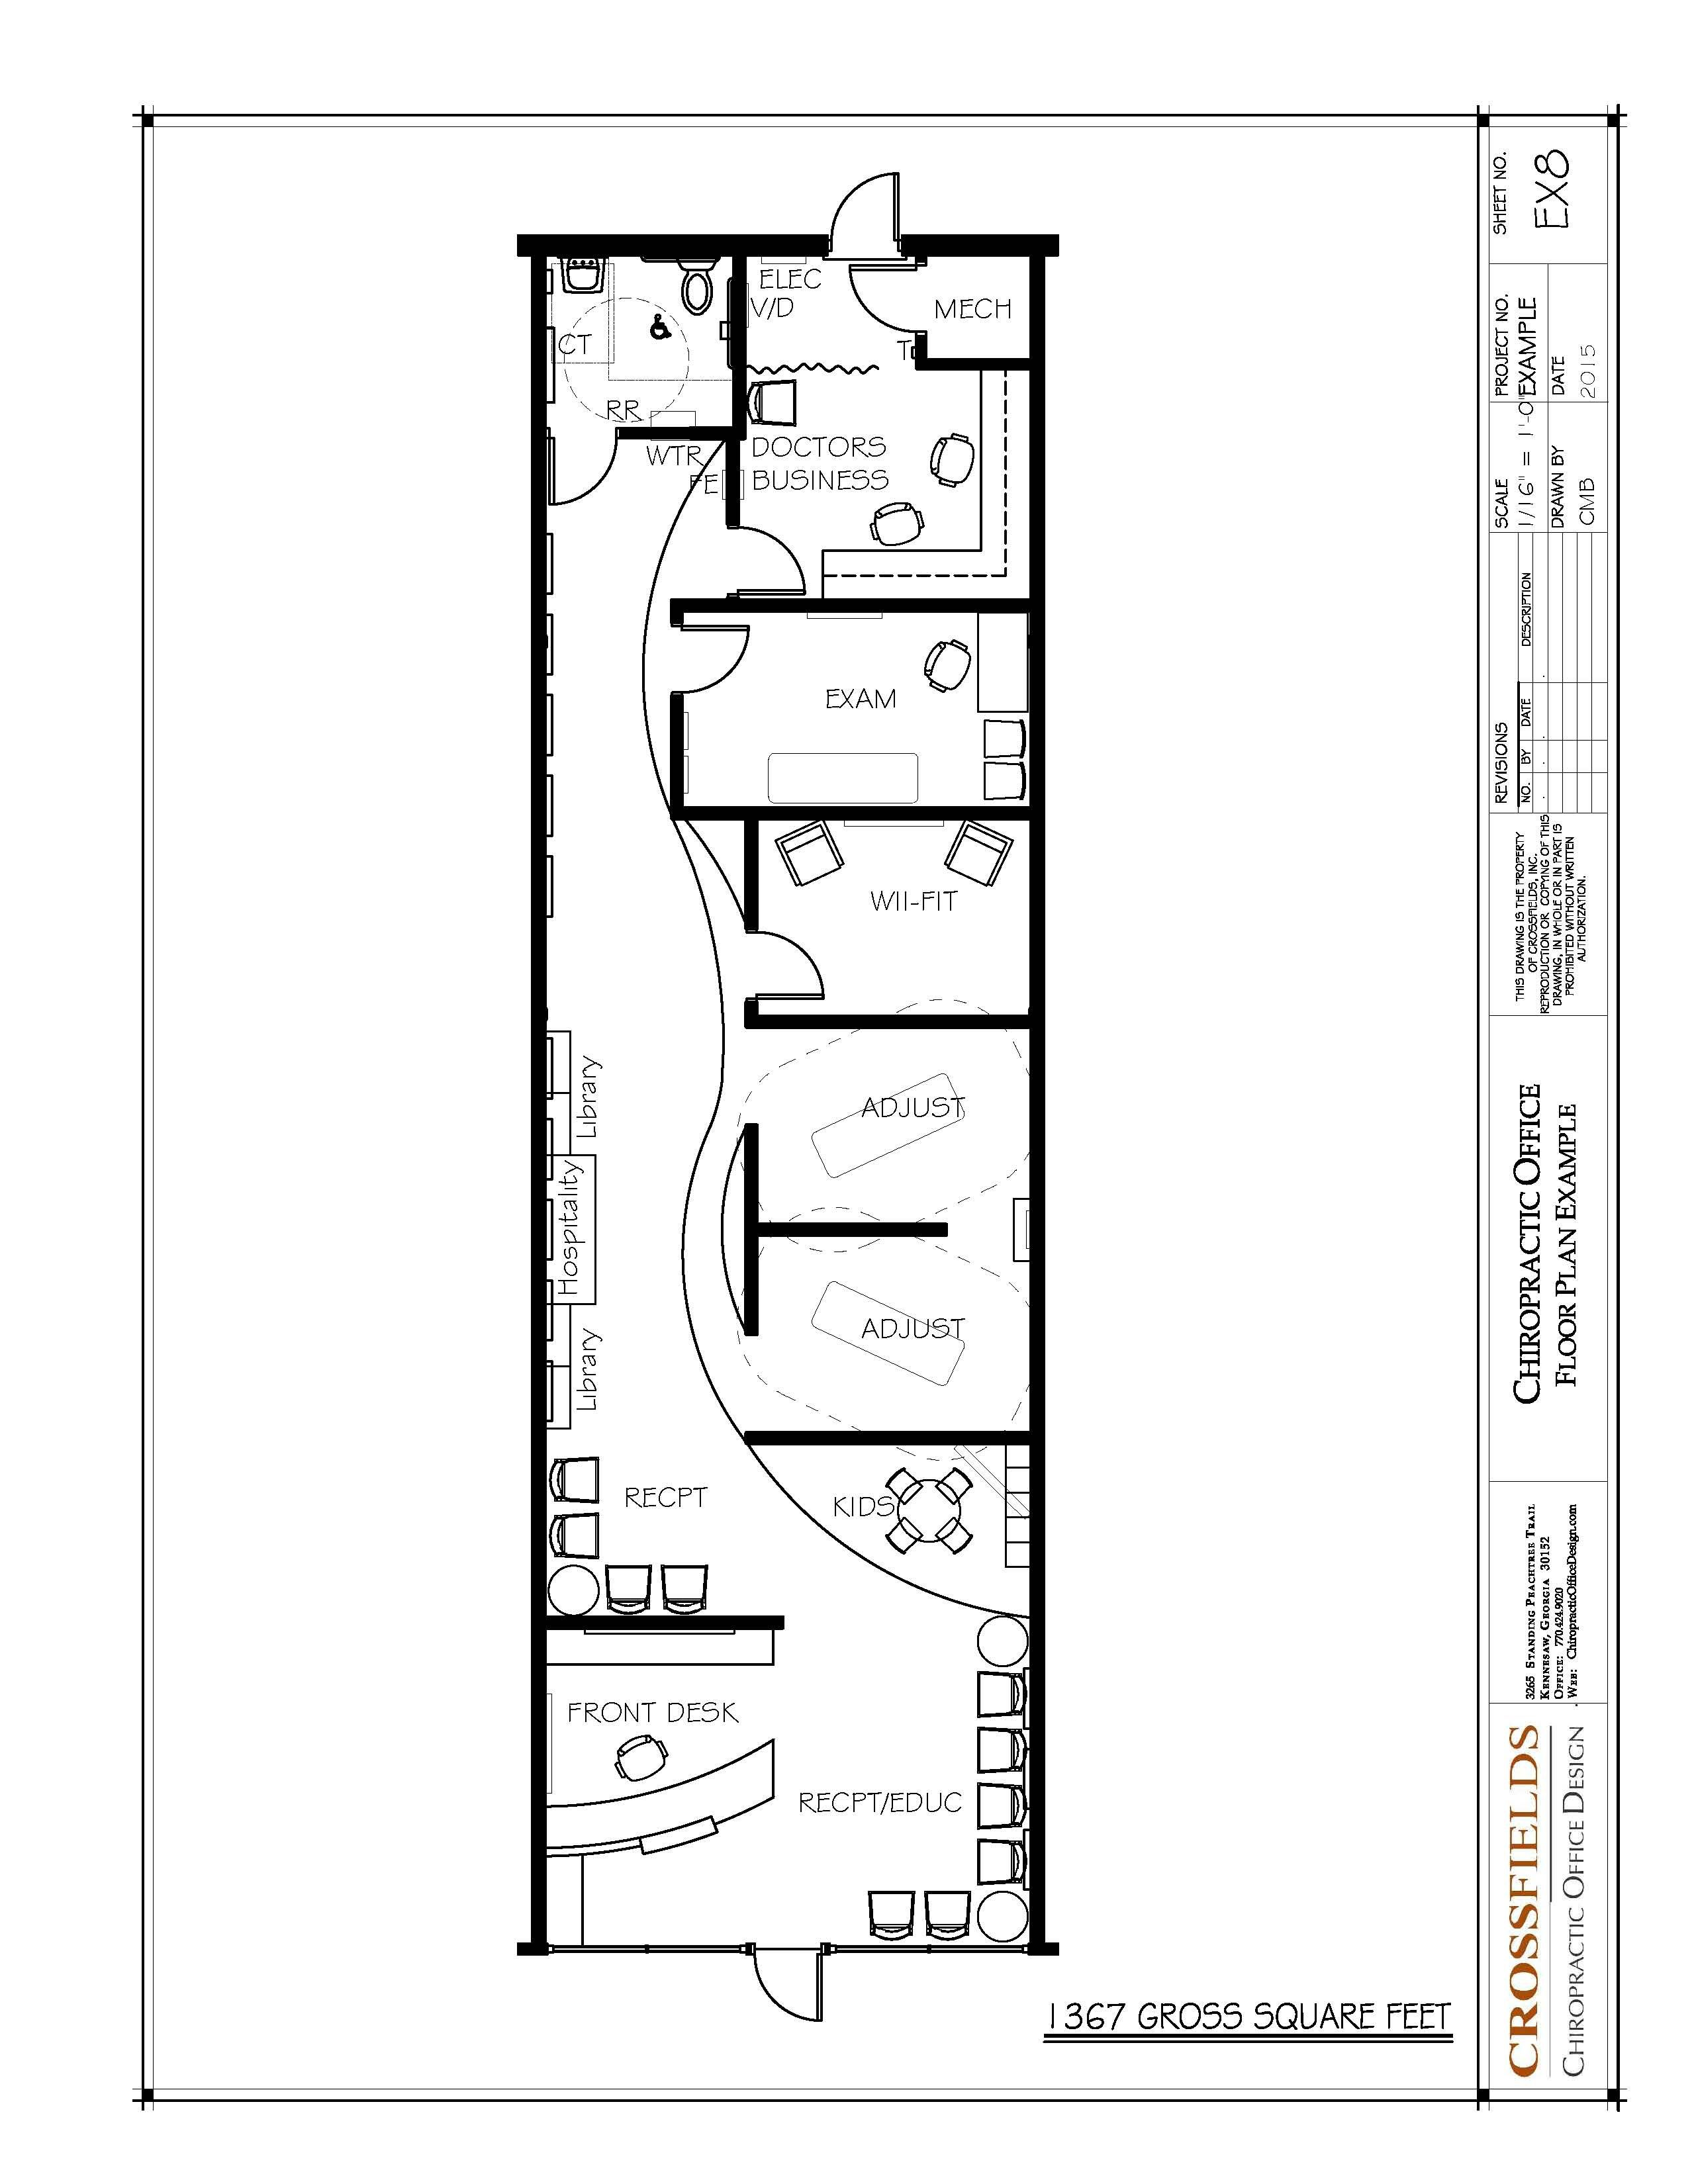 Chiropractic floor plan semi open adjusting retail start for Office blueprints design